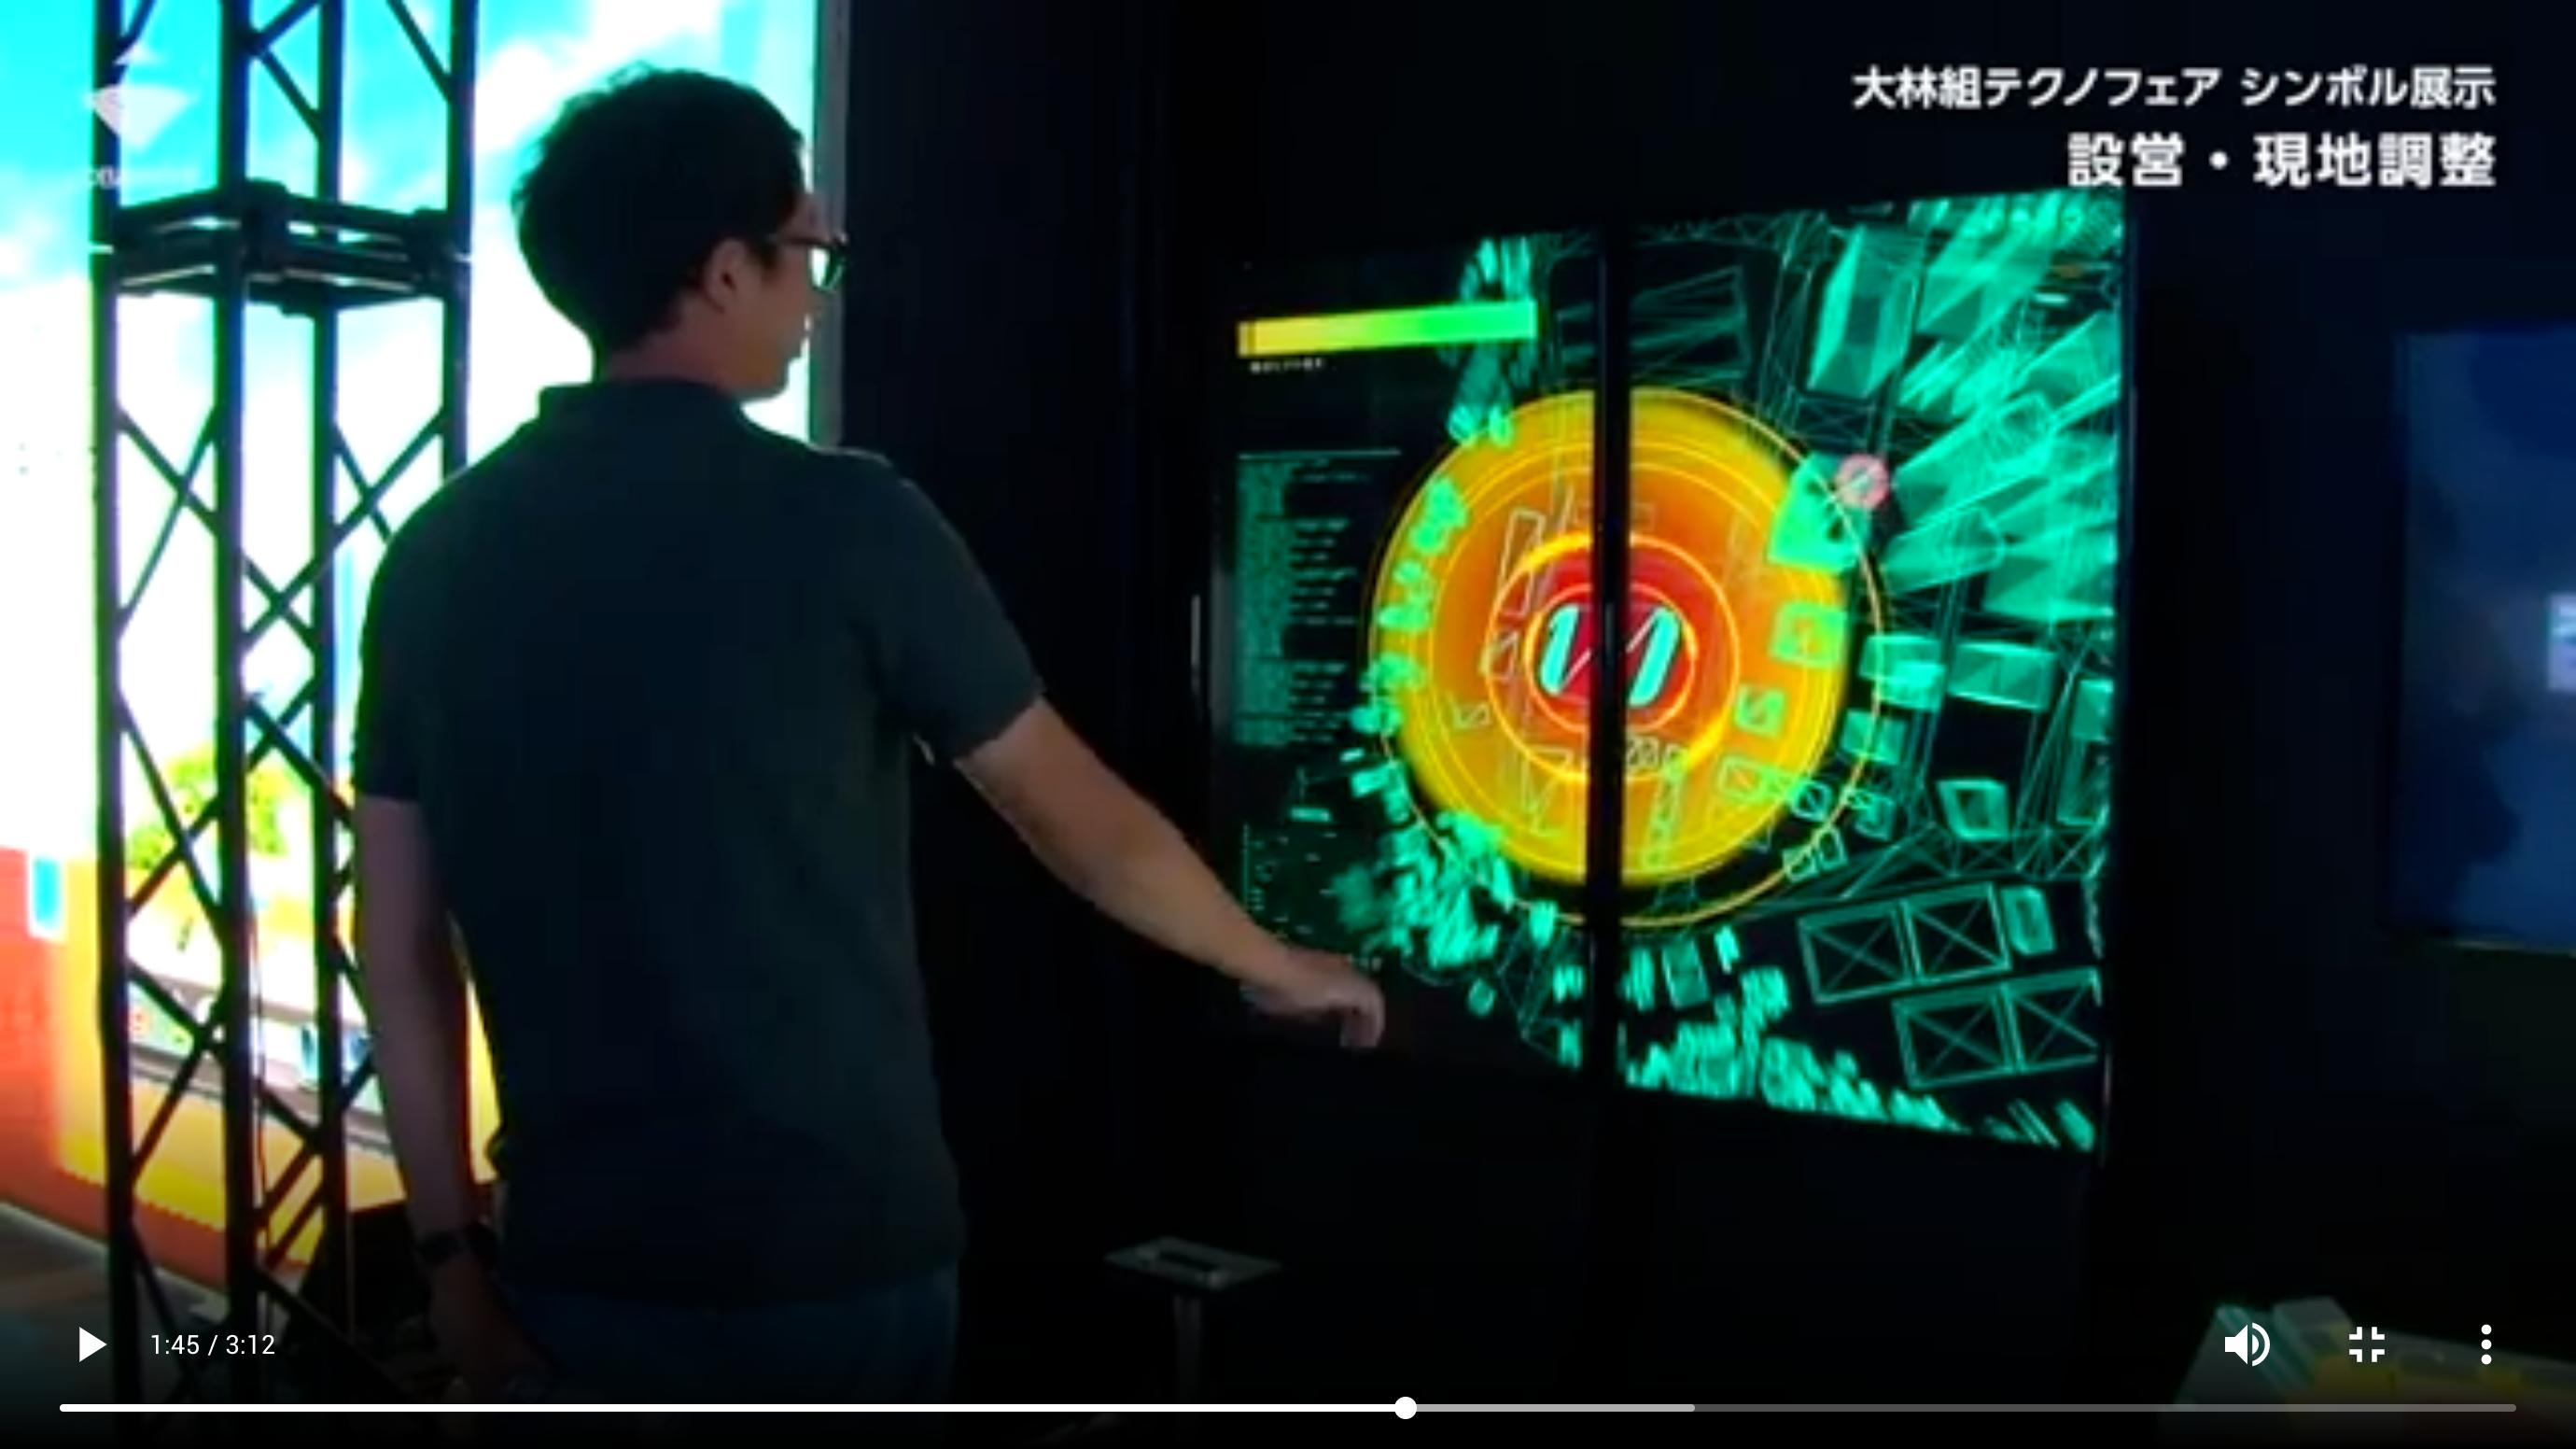 スクリーンショット:大林組テクノフェア